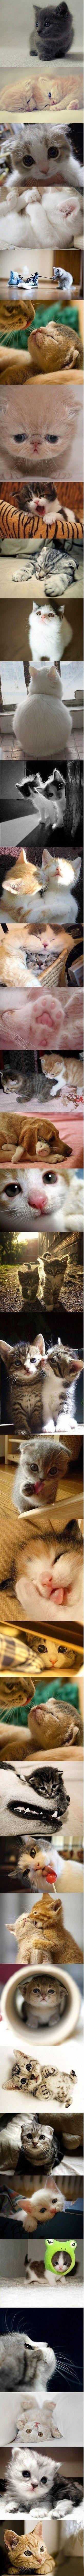 I <3 kittens!